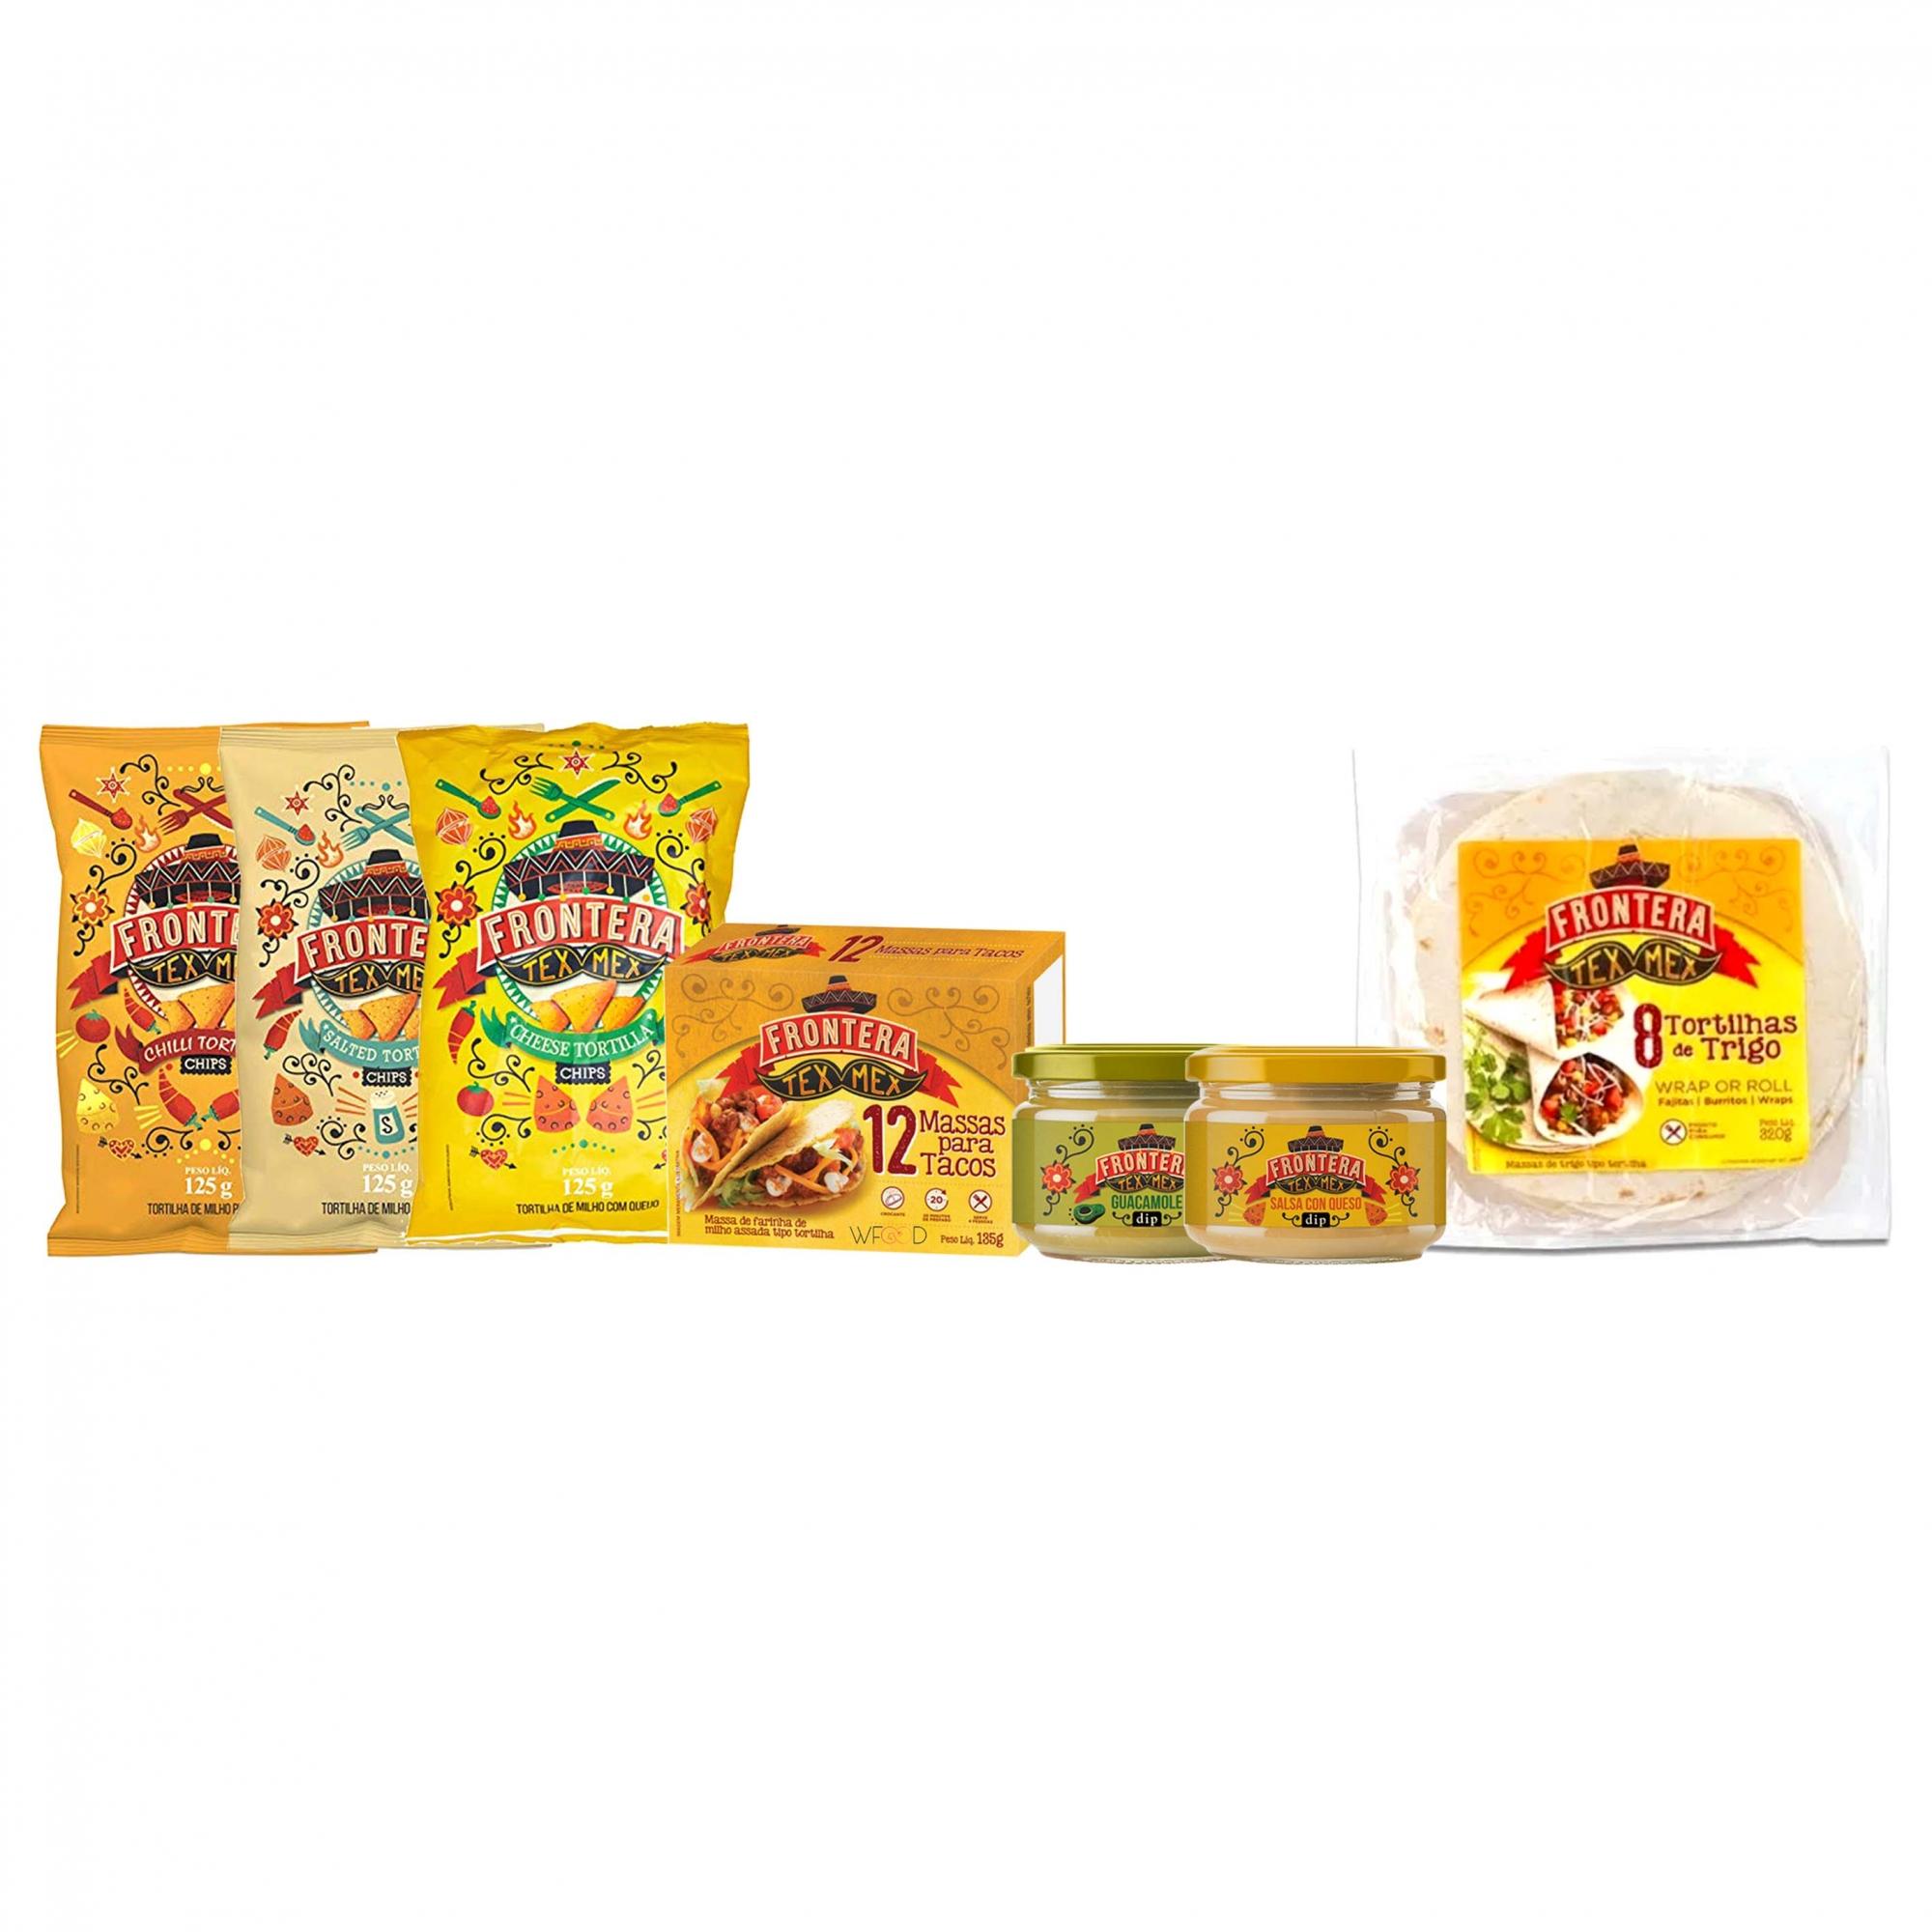 Kit Jantar Mexicano Completo Para 4 Pessoas com 7 Itens